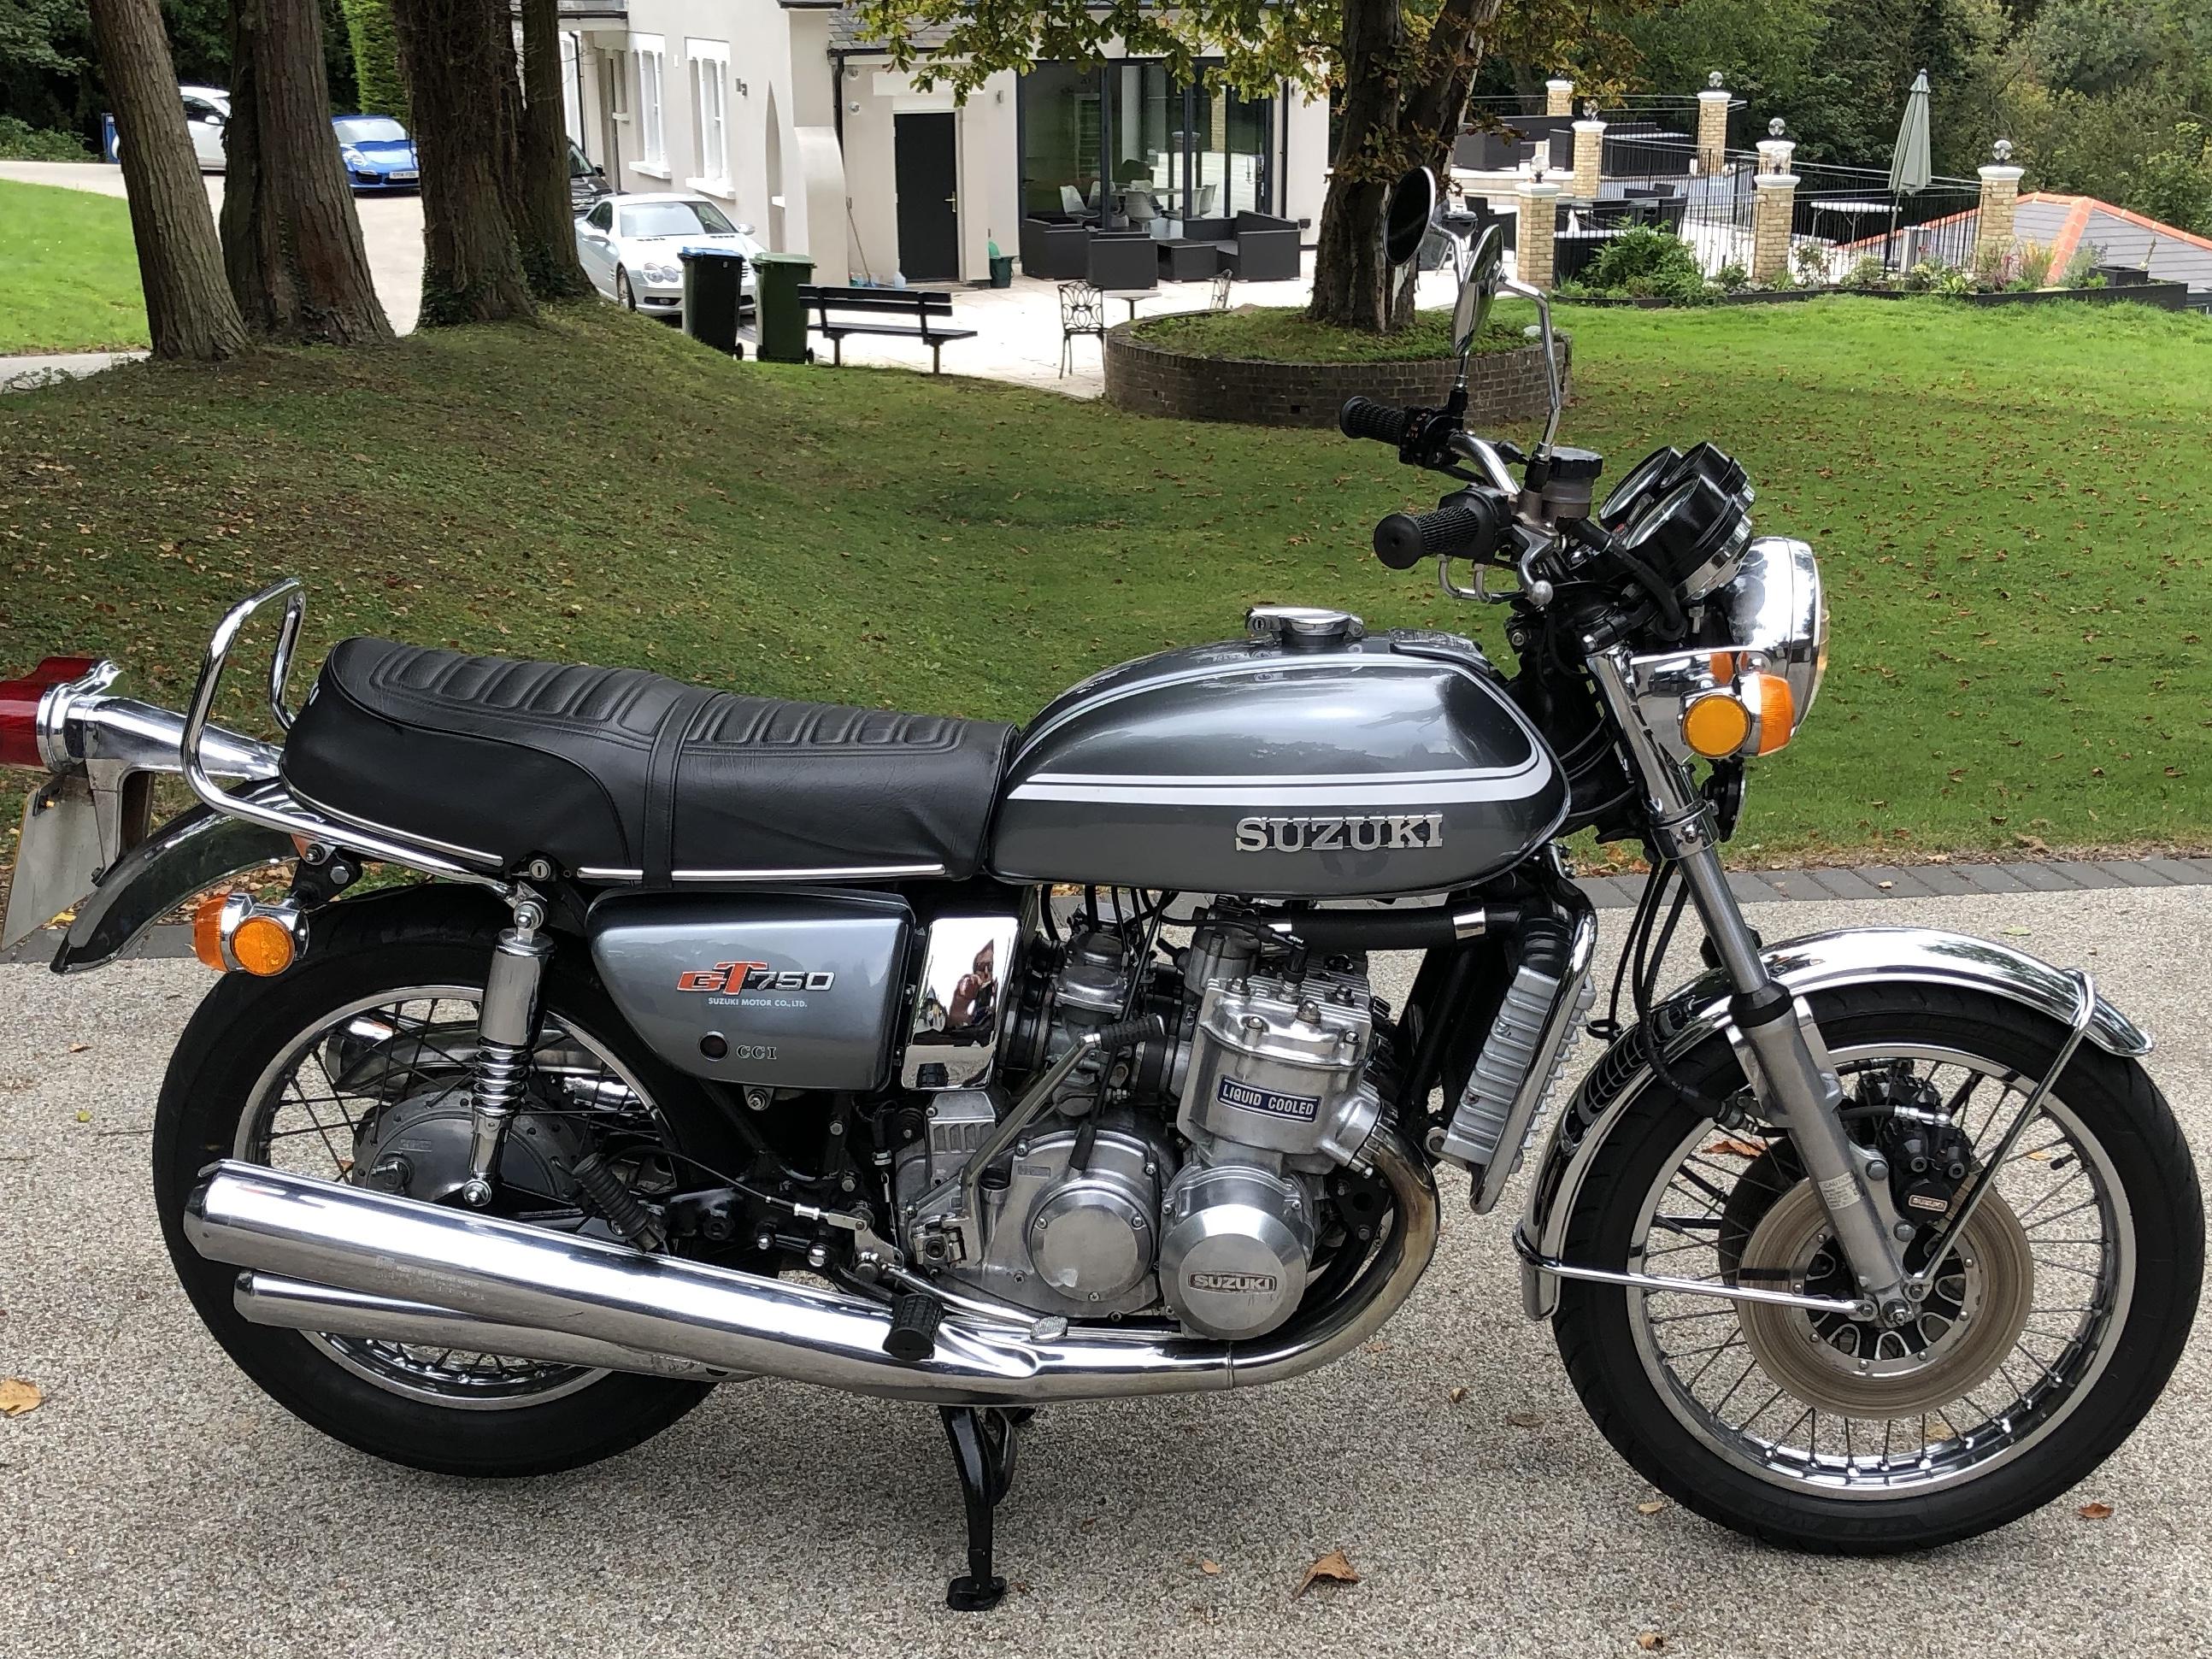 GT750M